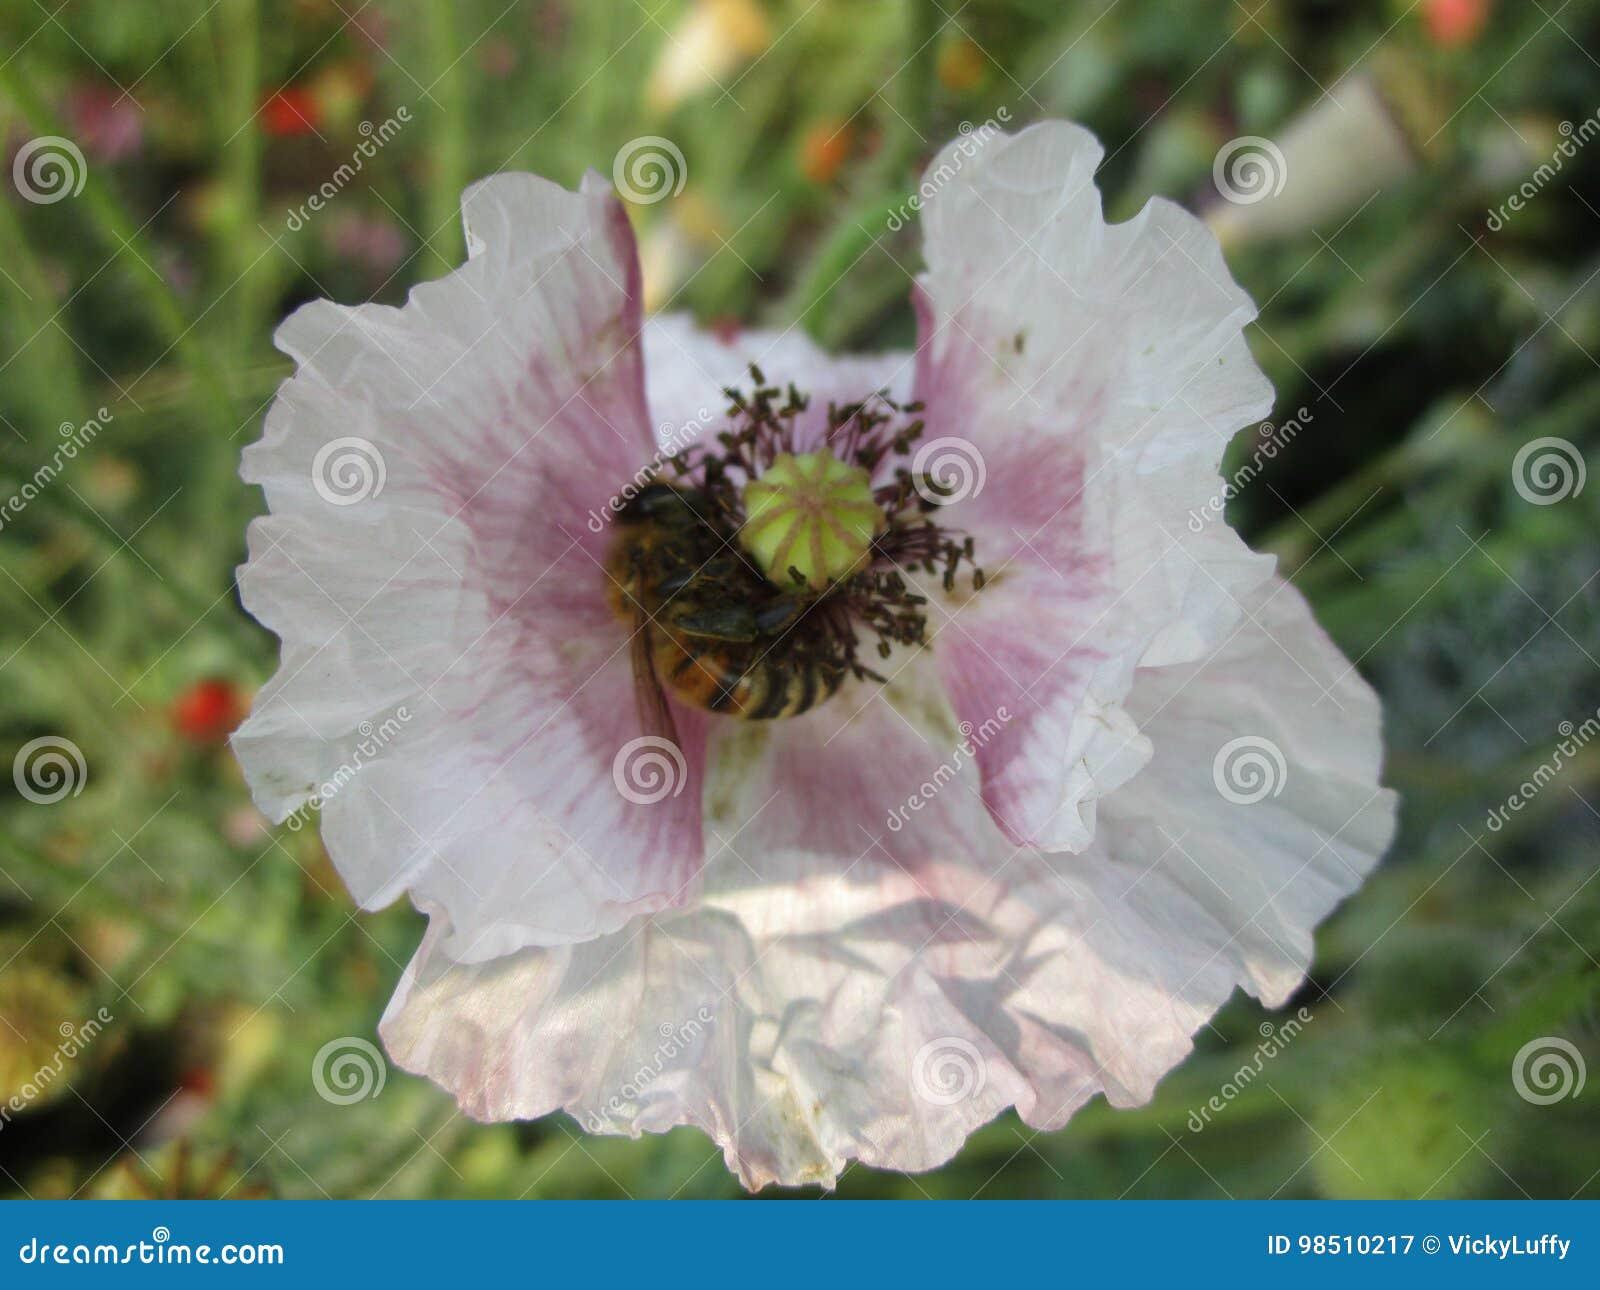 Abelha na flor com pétalas brancas